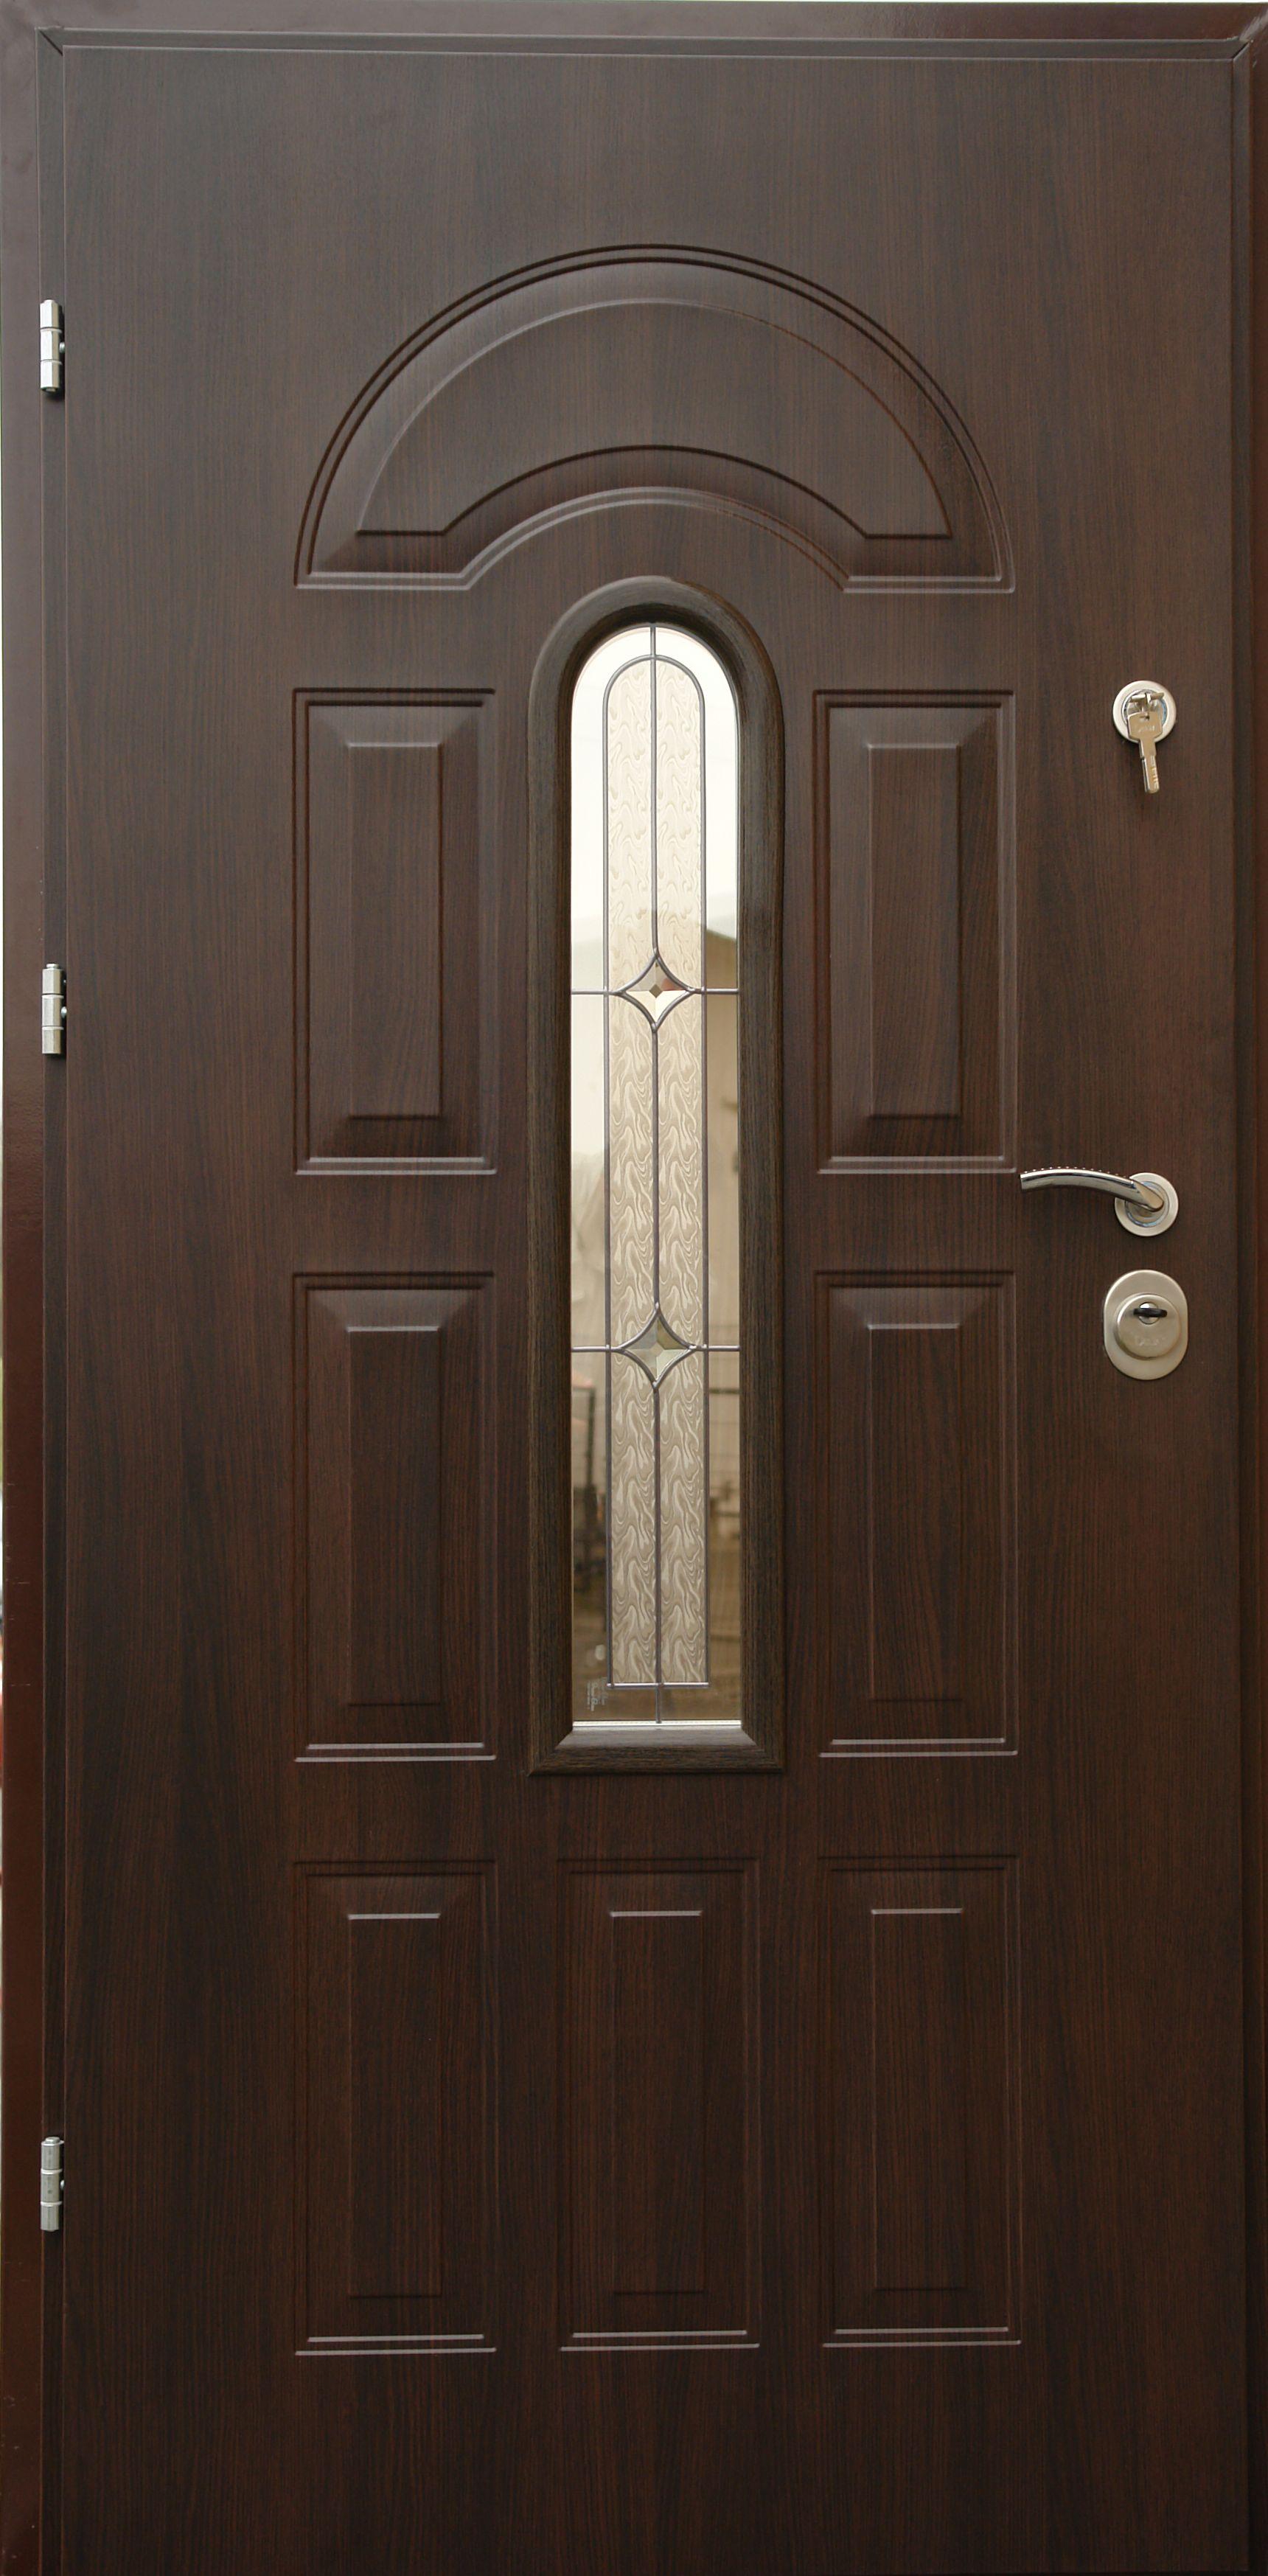 új biztonsági ajtók 17